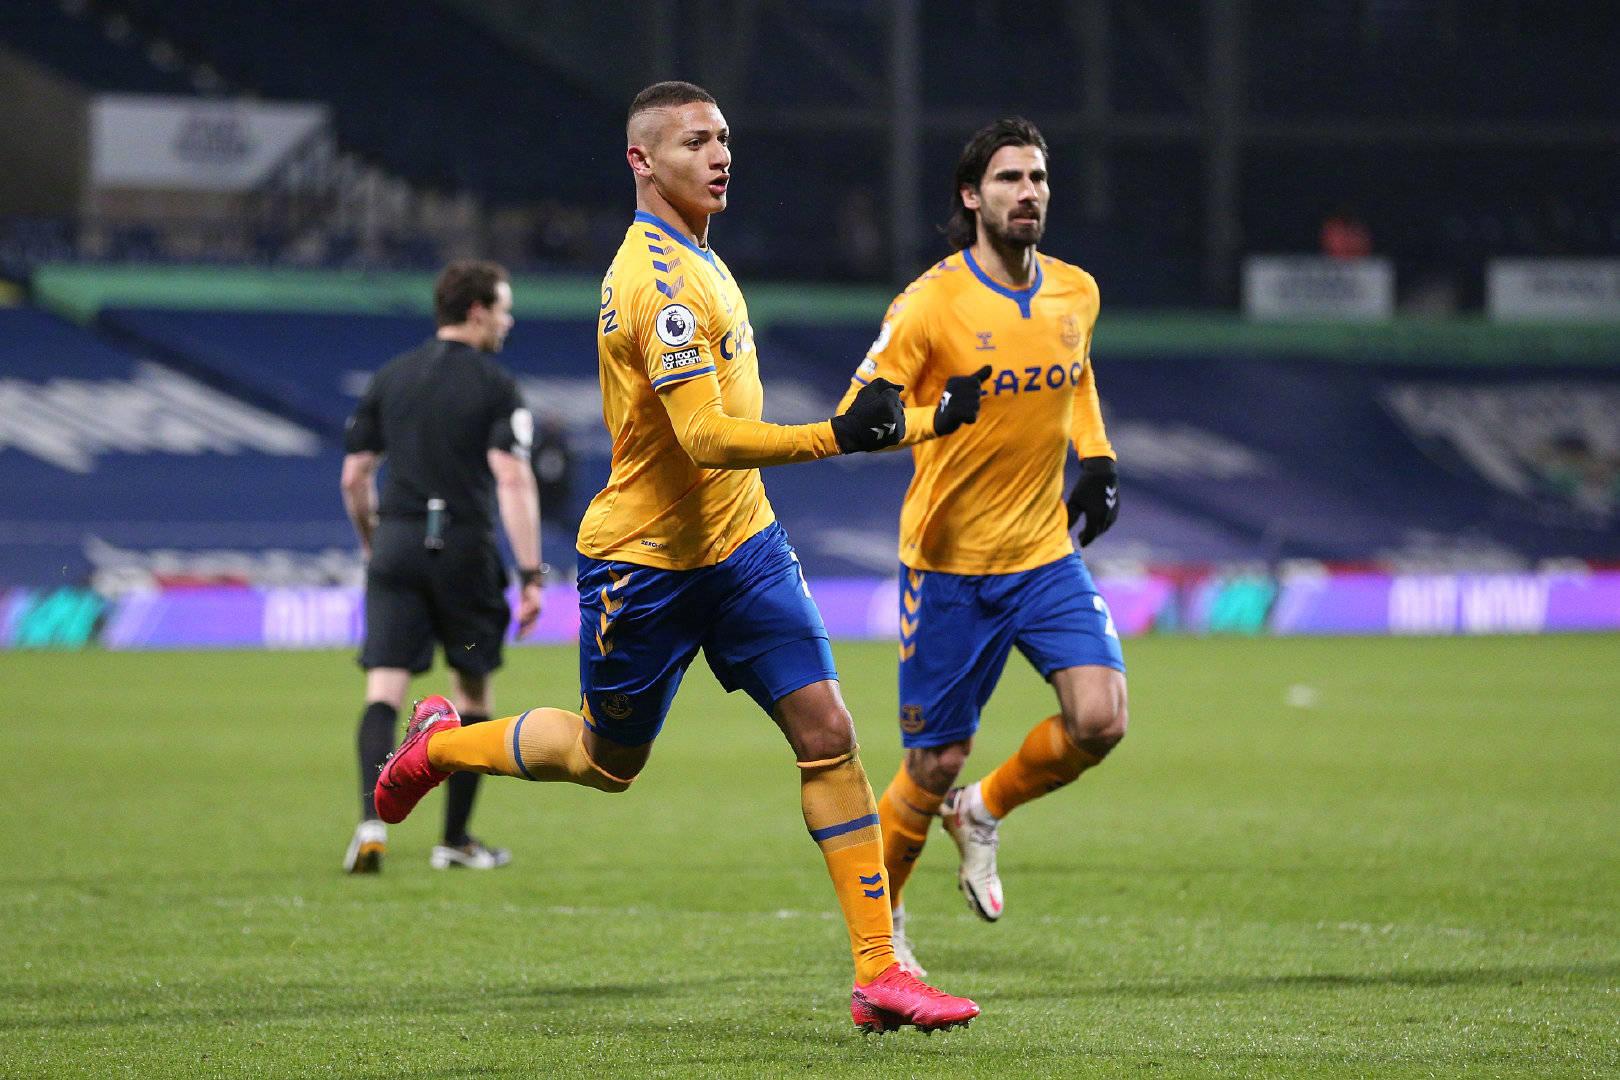 原创             英超最新积分榜:切尔西胜利物浦升至第4,埃弗顿第5,热刺第8